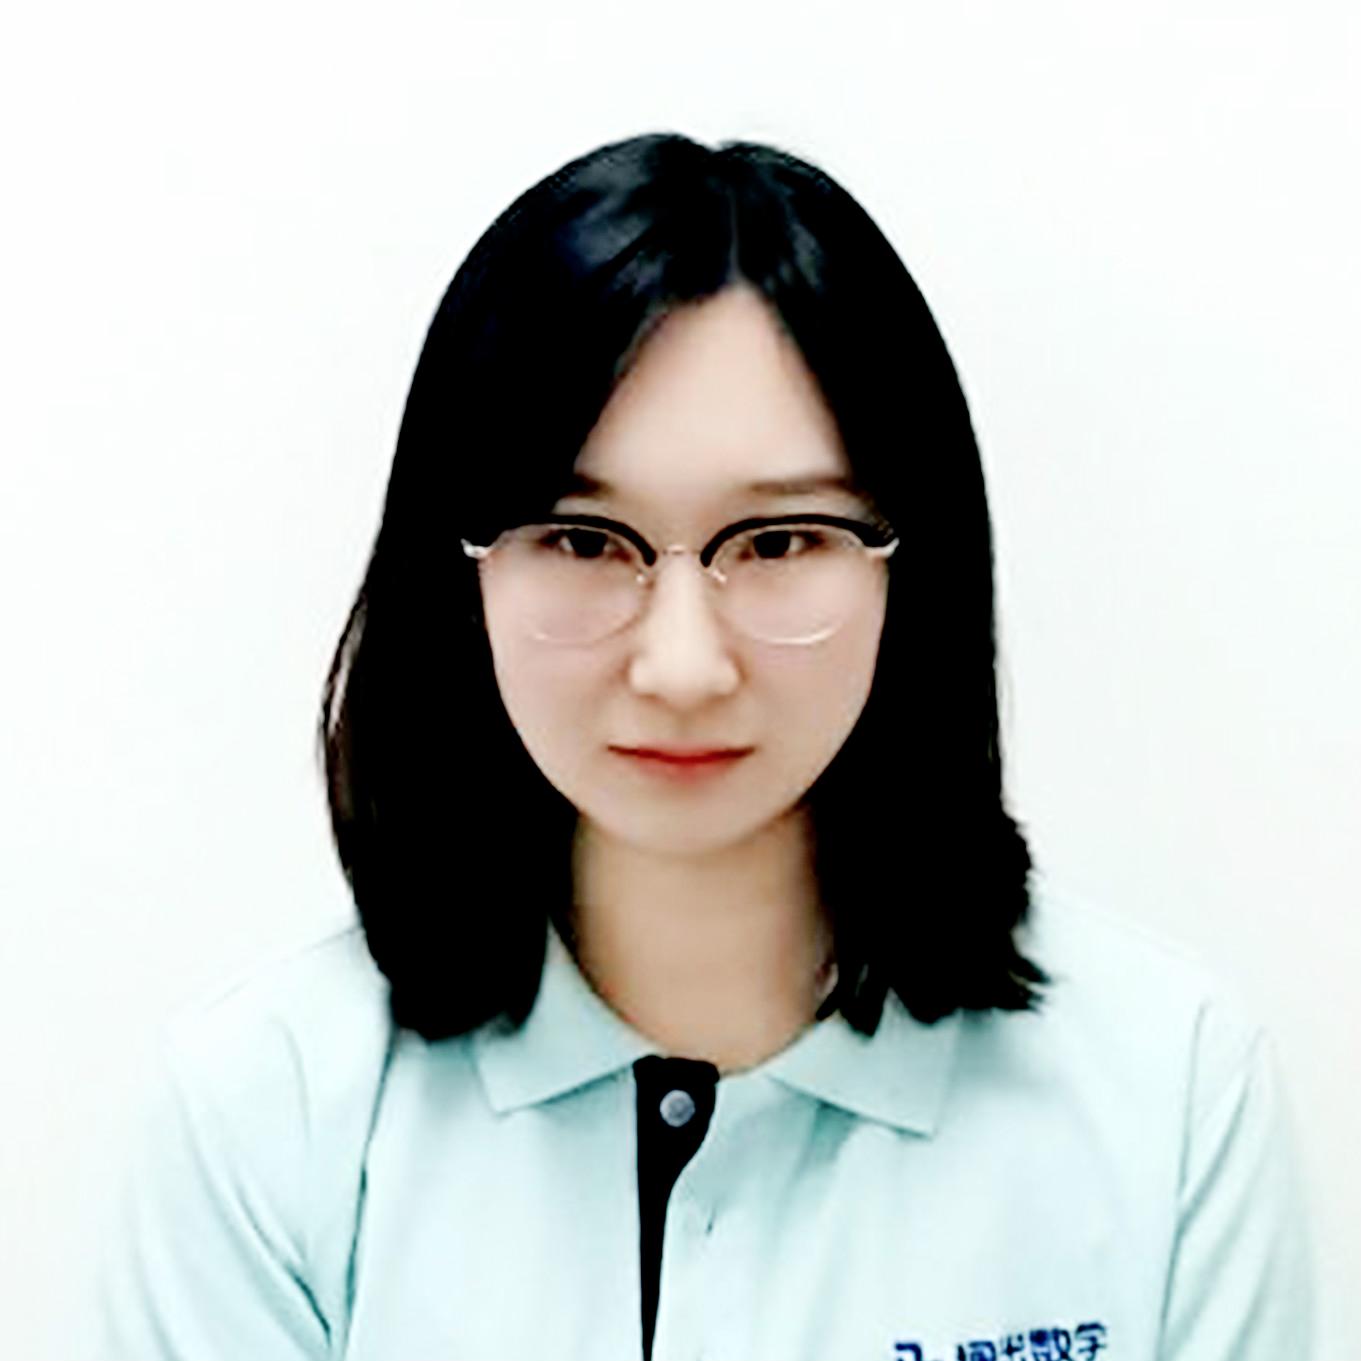 狸米数学,北京名师培优直播课程,陈露老师